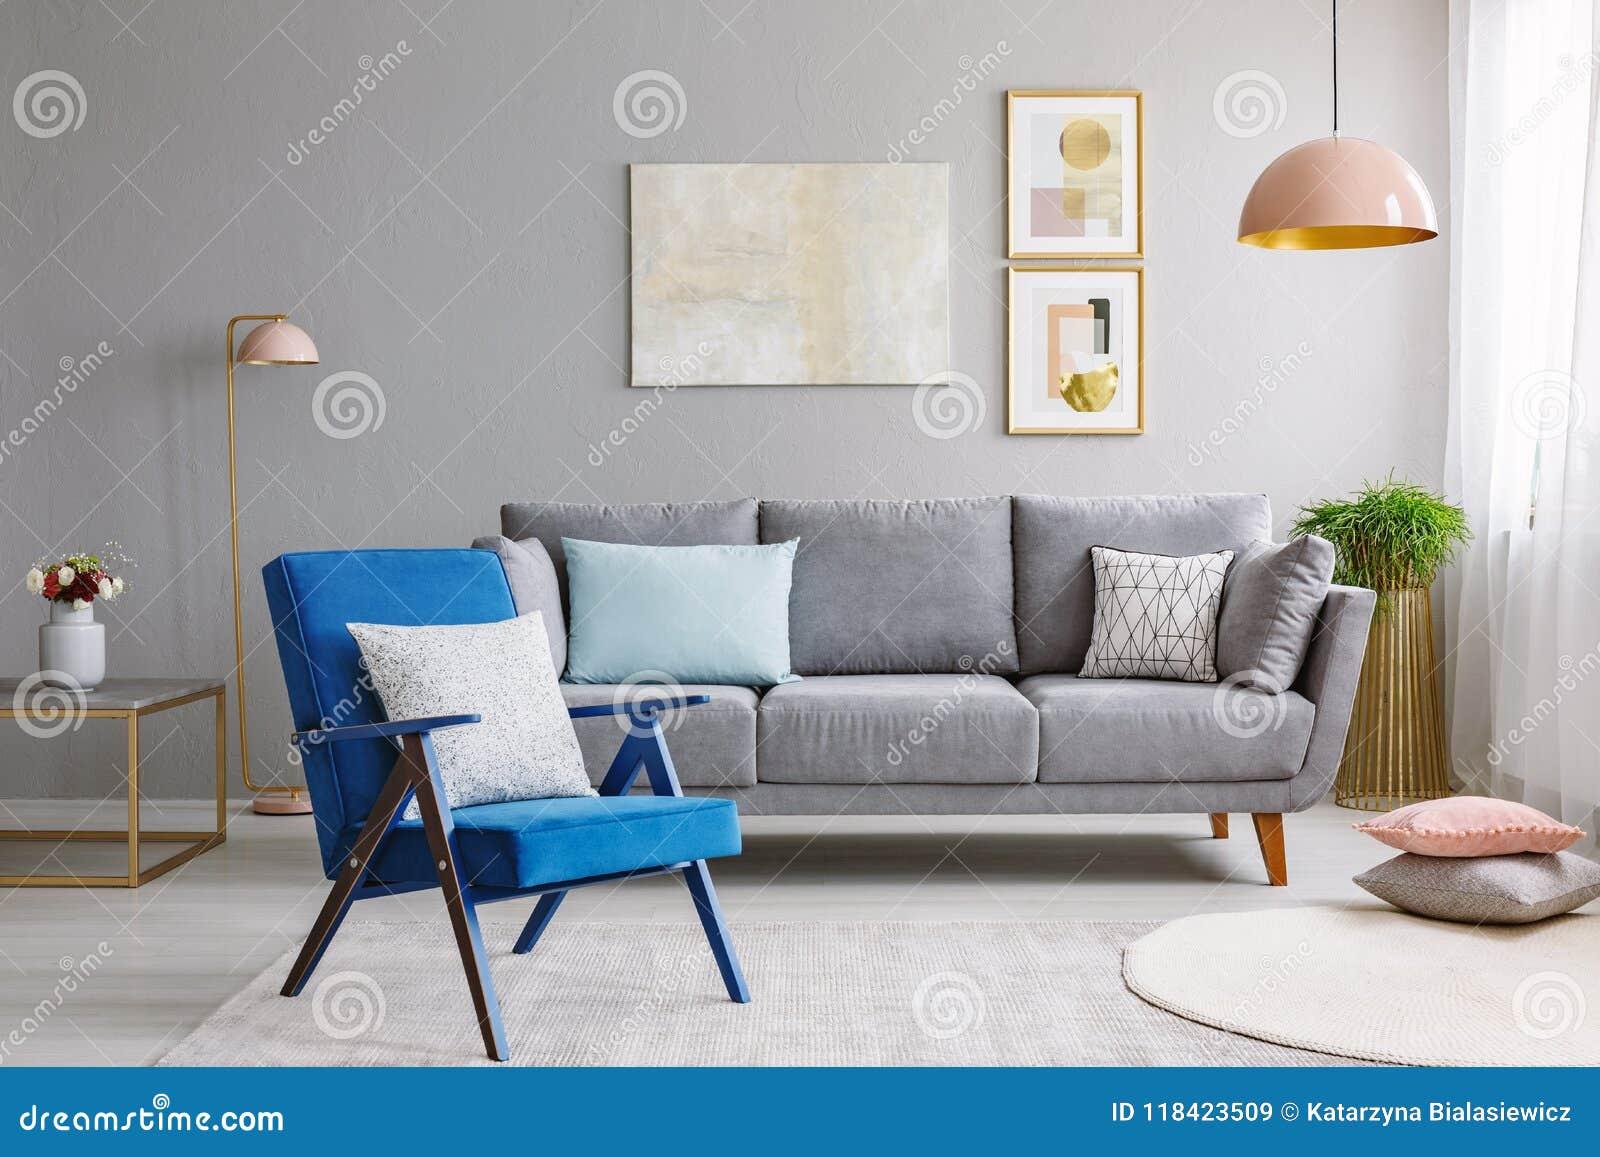 Fauteuil bleu près de canapé gris dans les WI intérieurs de salon moderne